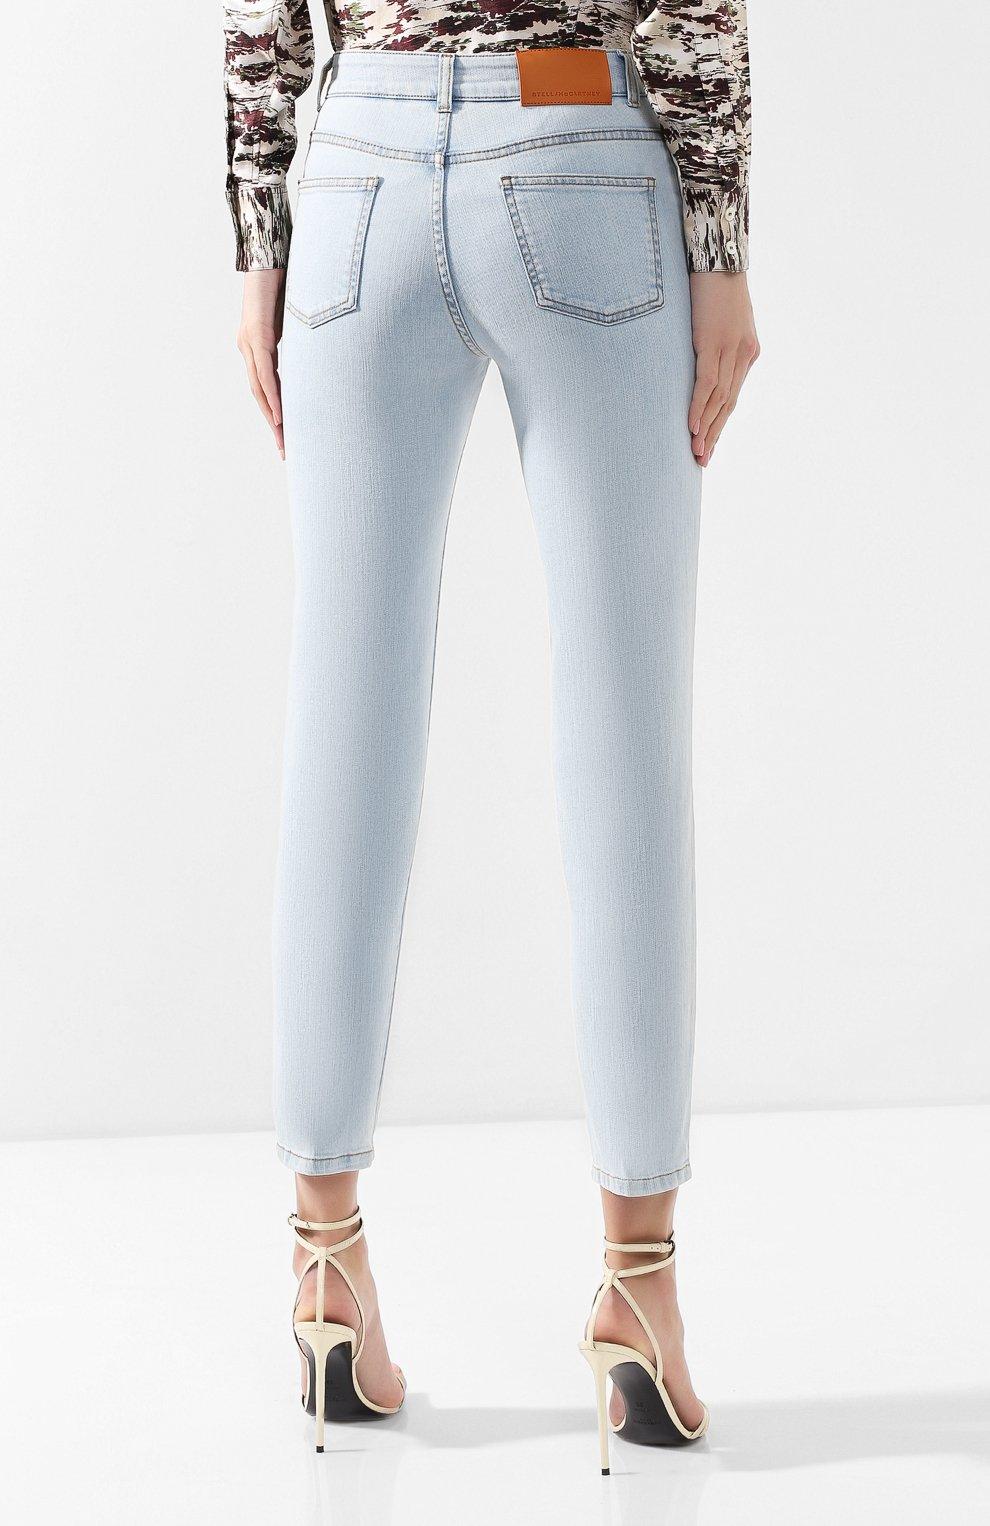 bba92500a8a Женские джинсы Stella McCartney по цене от 19 950 руб. купить в  интернет-магазине ЦУМ